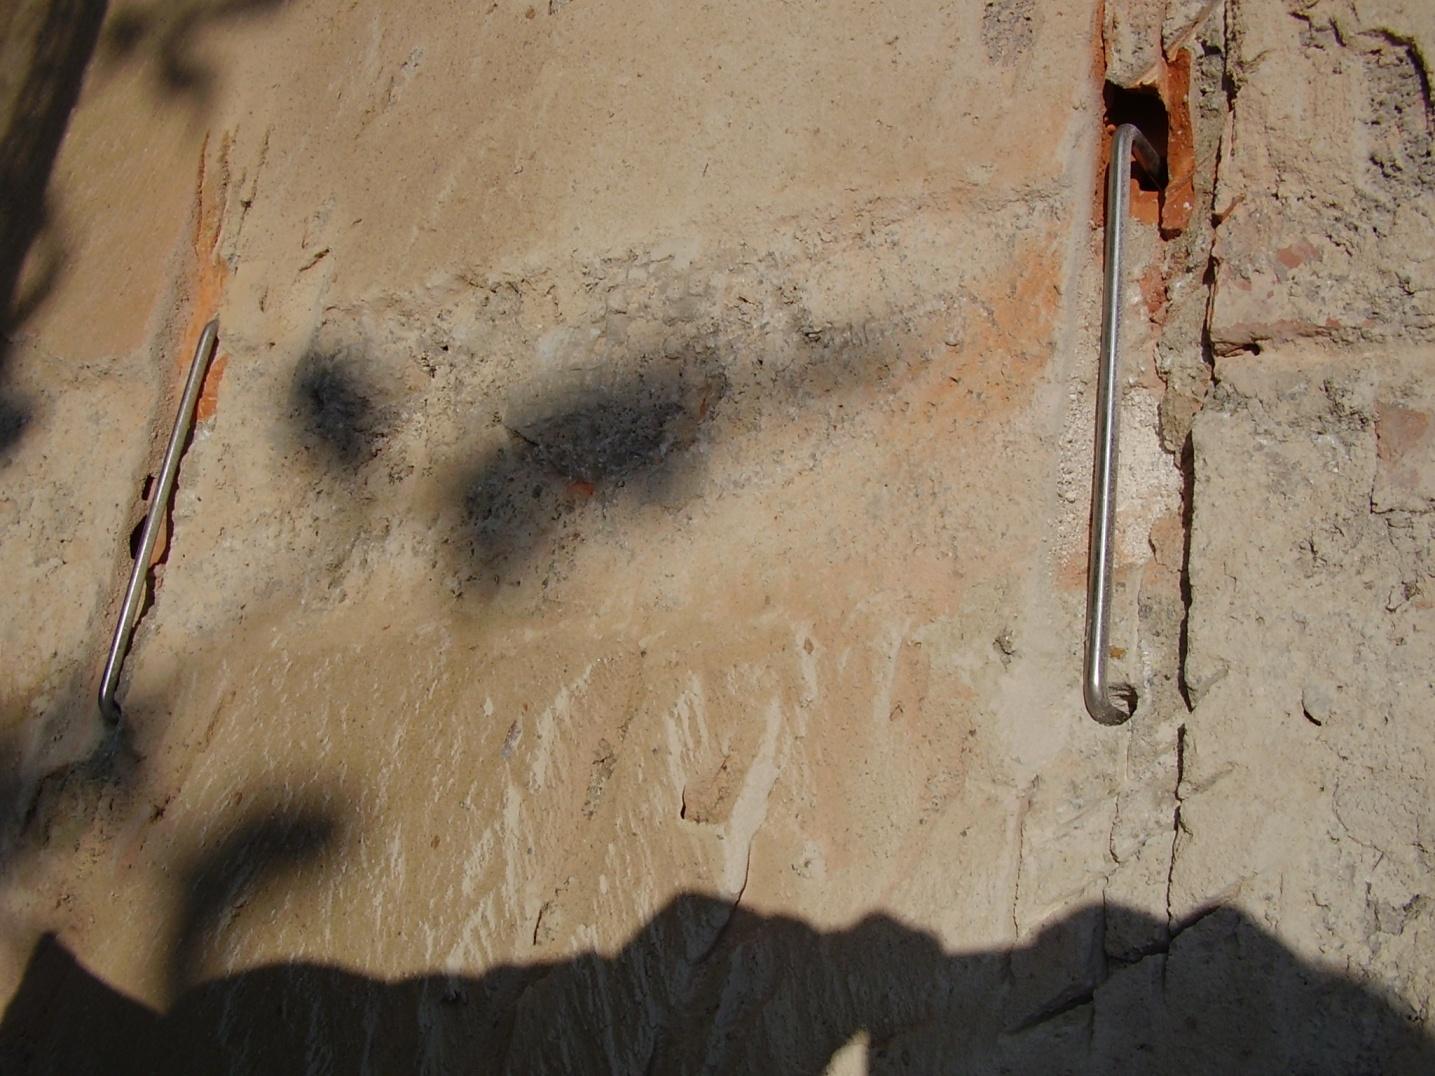 grapa metalica para reparar grietas en fachada